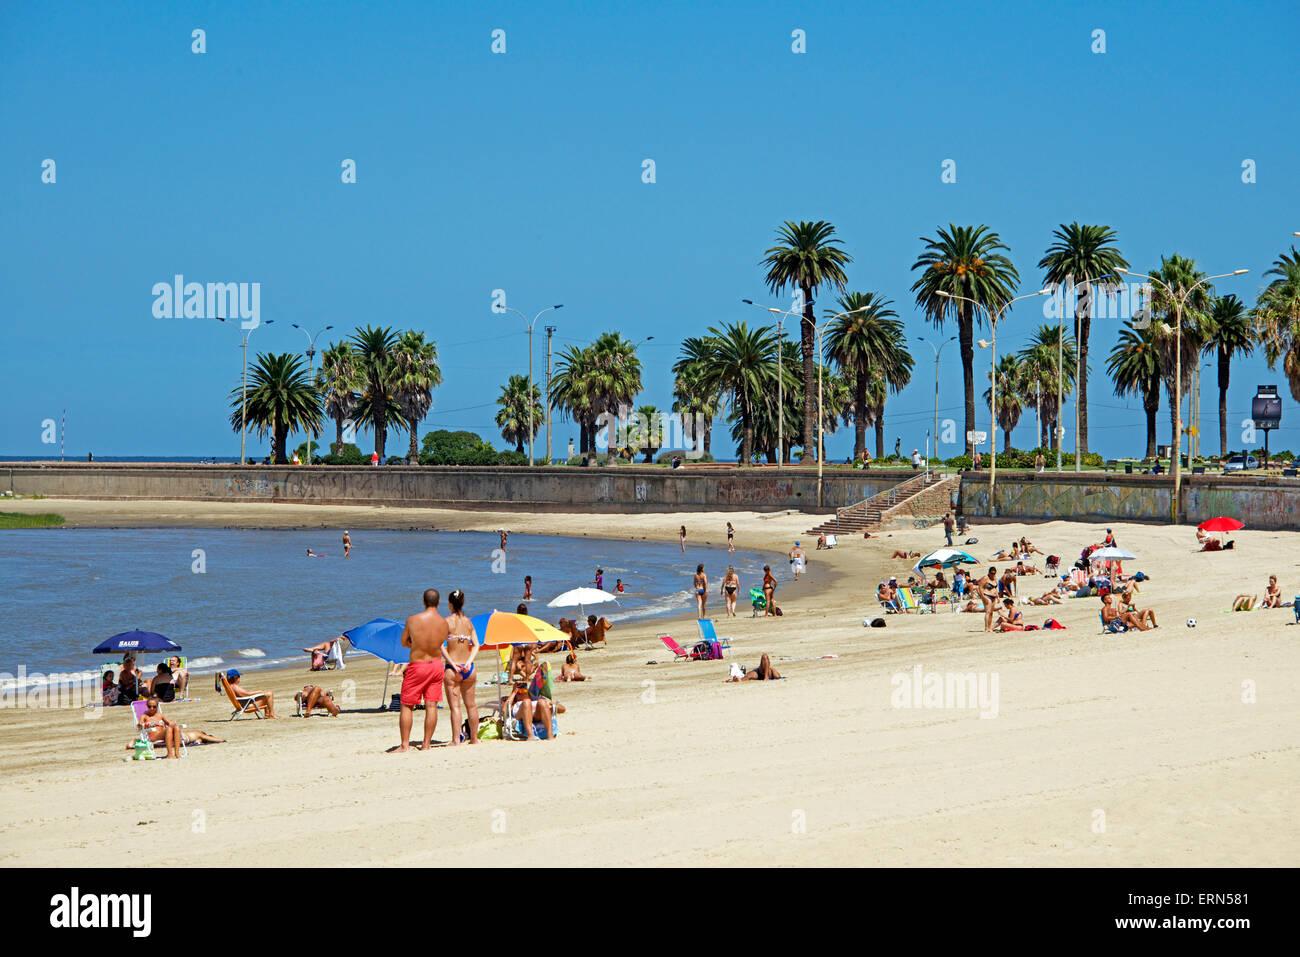 Playa de los Pocitos Montevideo Uruguay Photo Stock